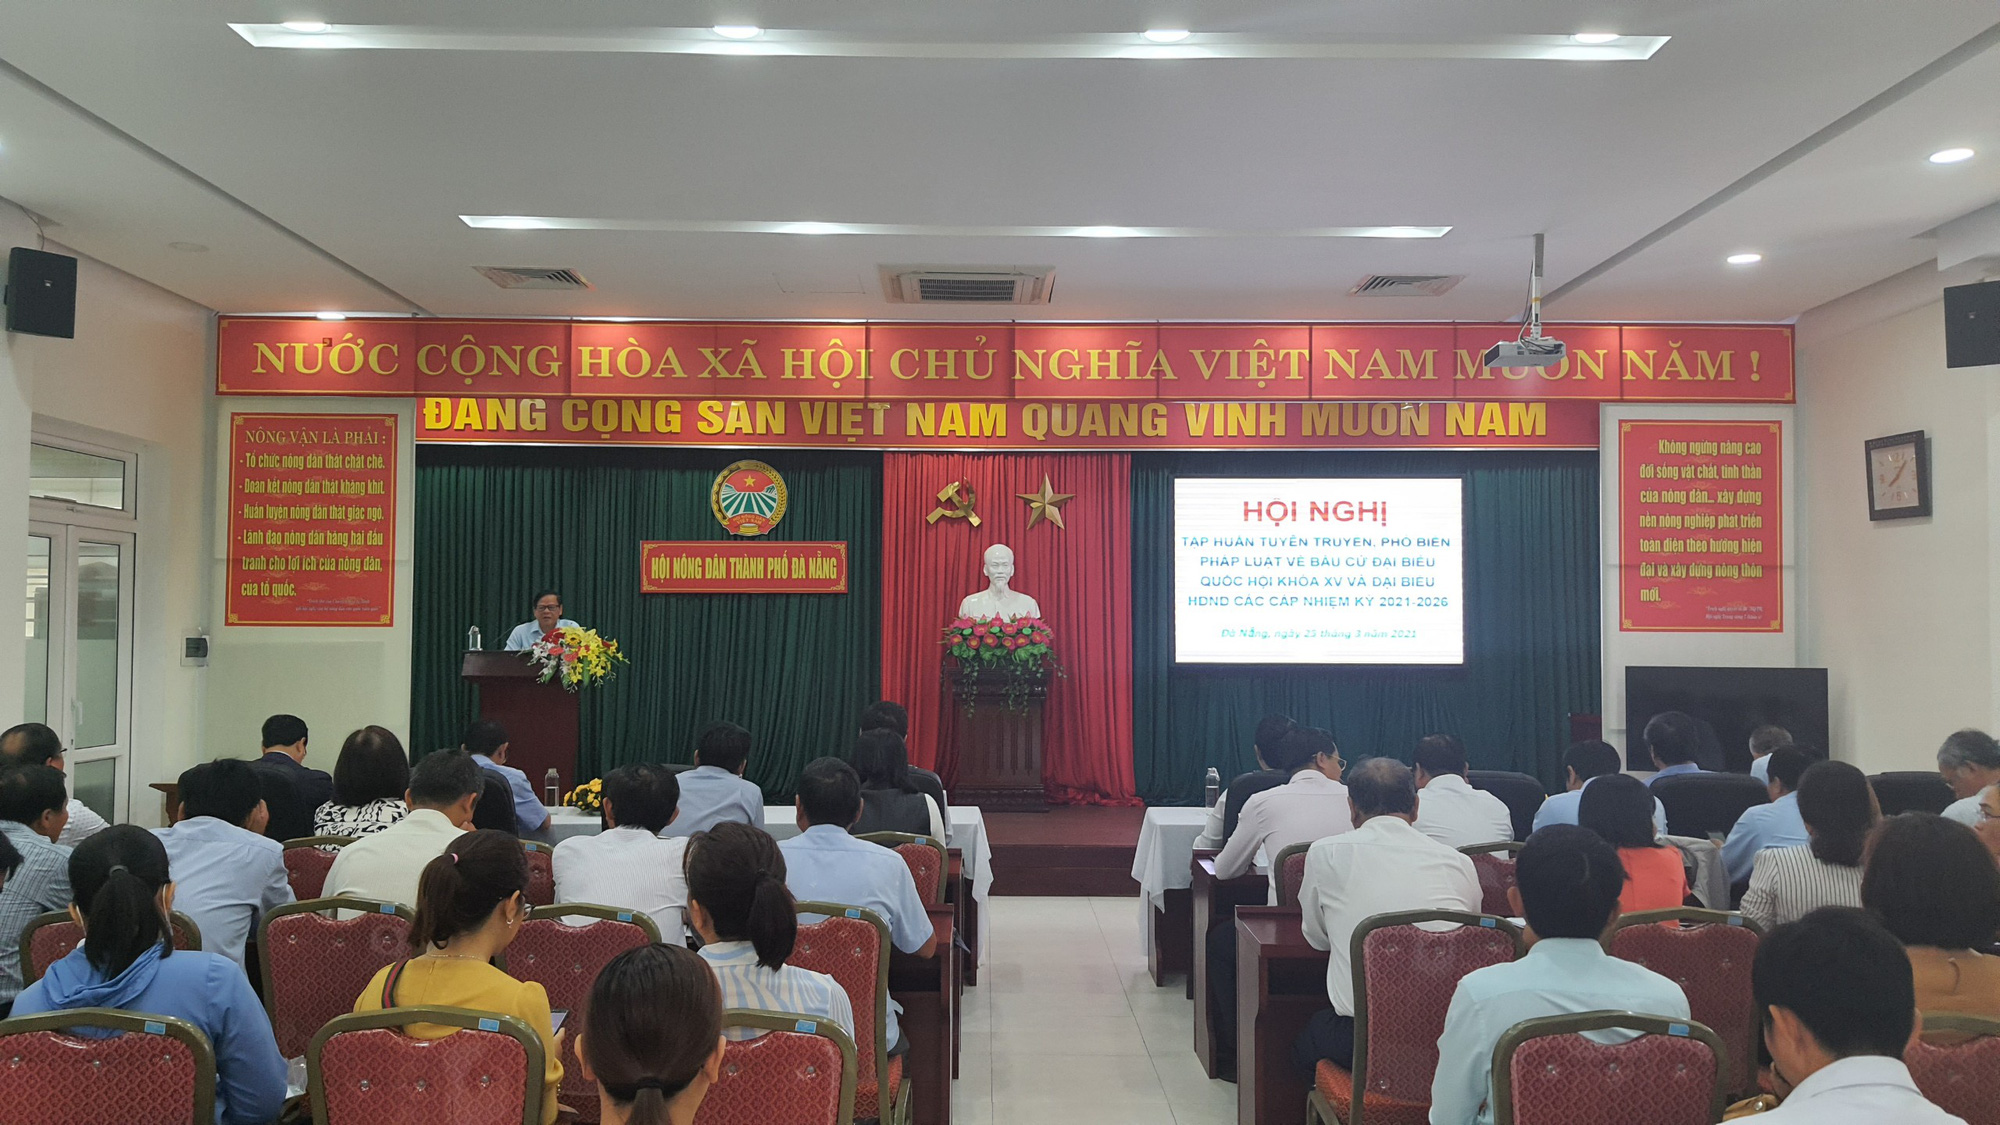 Hội Nông dân Đà Nẵng: Tổ chức triển khai Hội nghị tập huấn tuyên truyền, phổ biến pháp luật về bầu cử  - Ảnh 2.